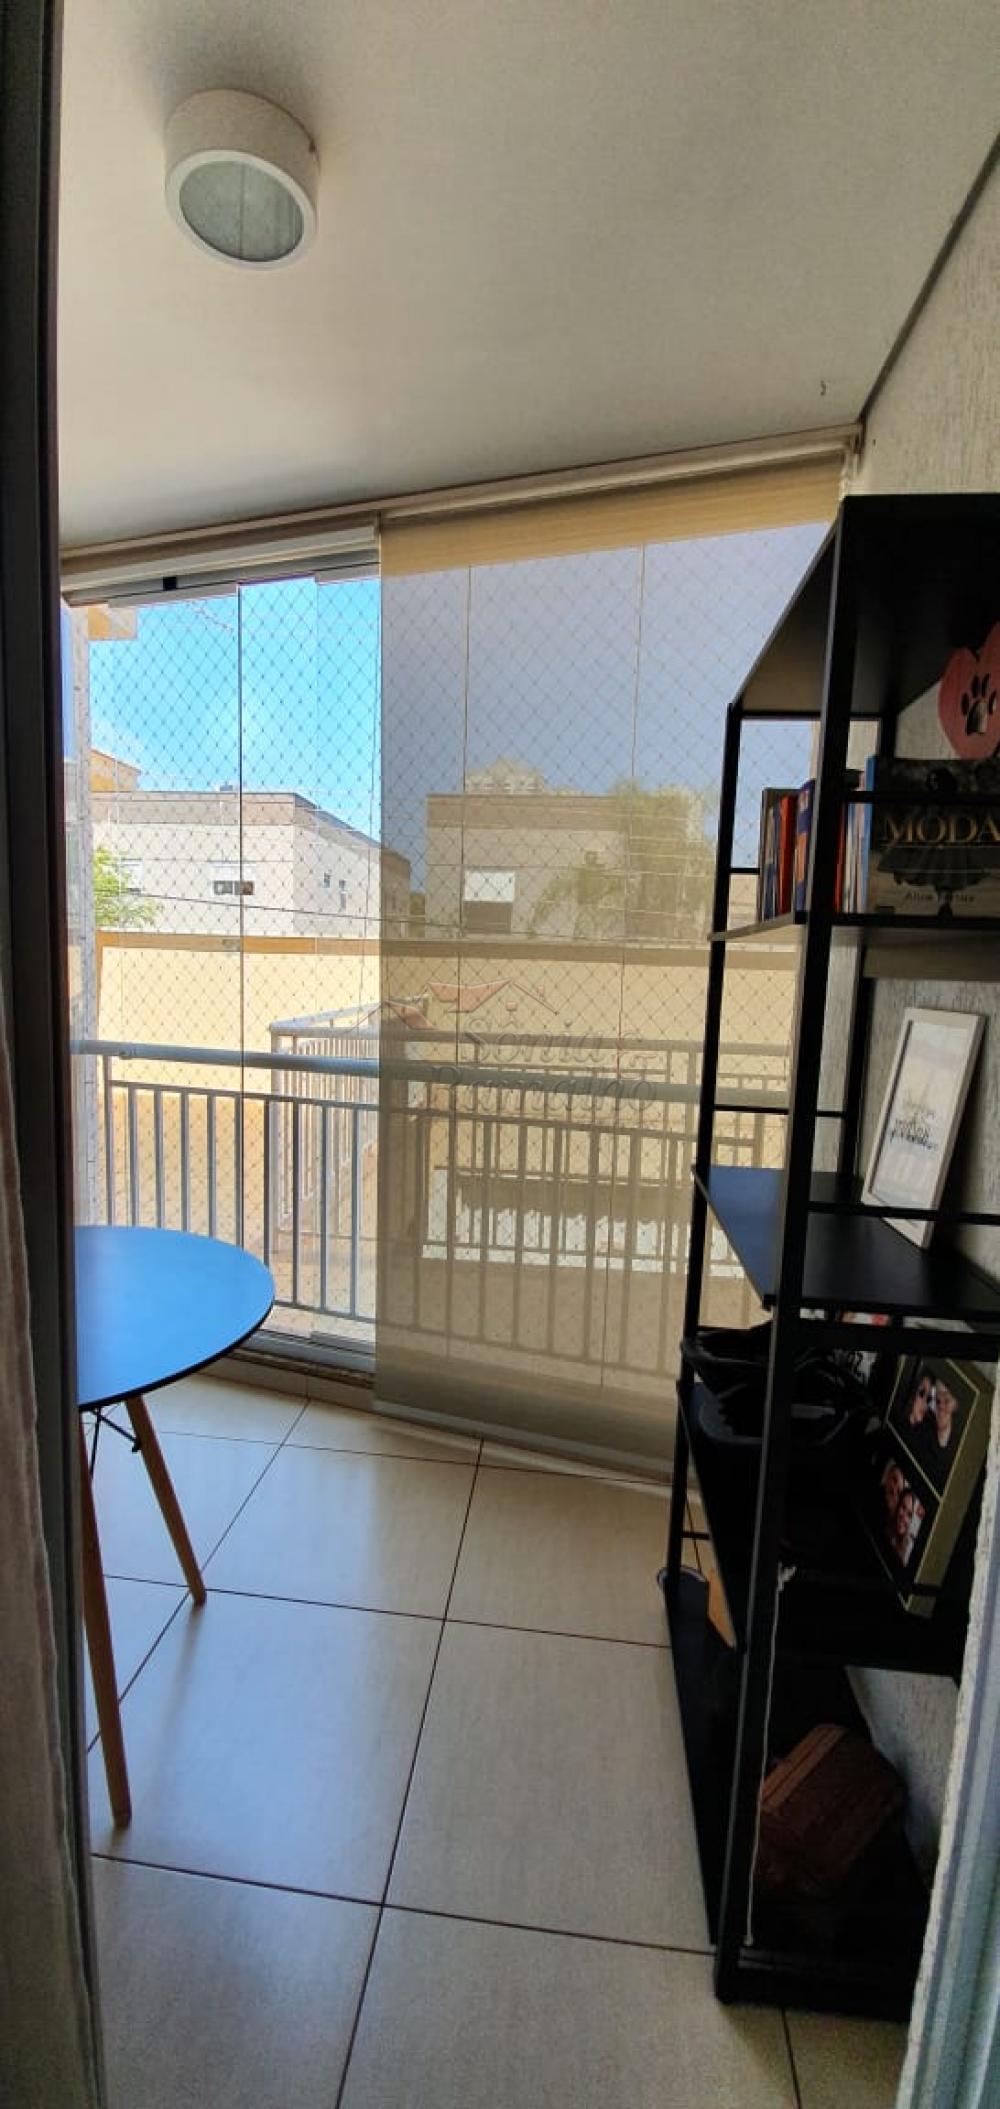 Alugar Apartamentos / Padrão em Ribeirão Preto apenas R$ 777,77 - Foto 4